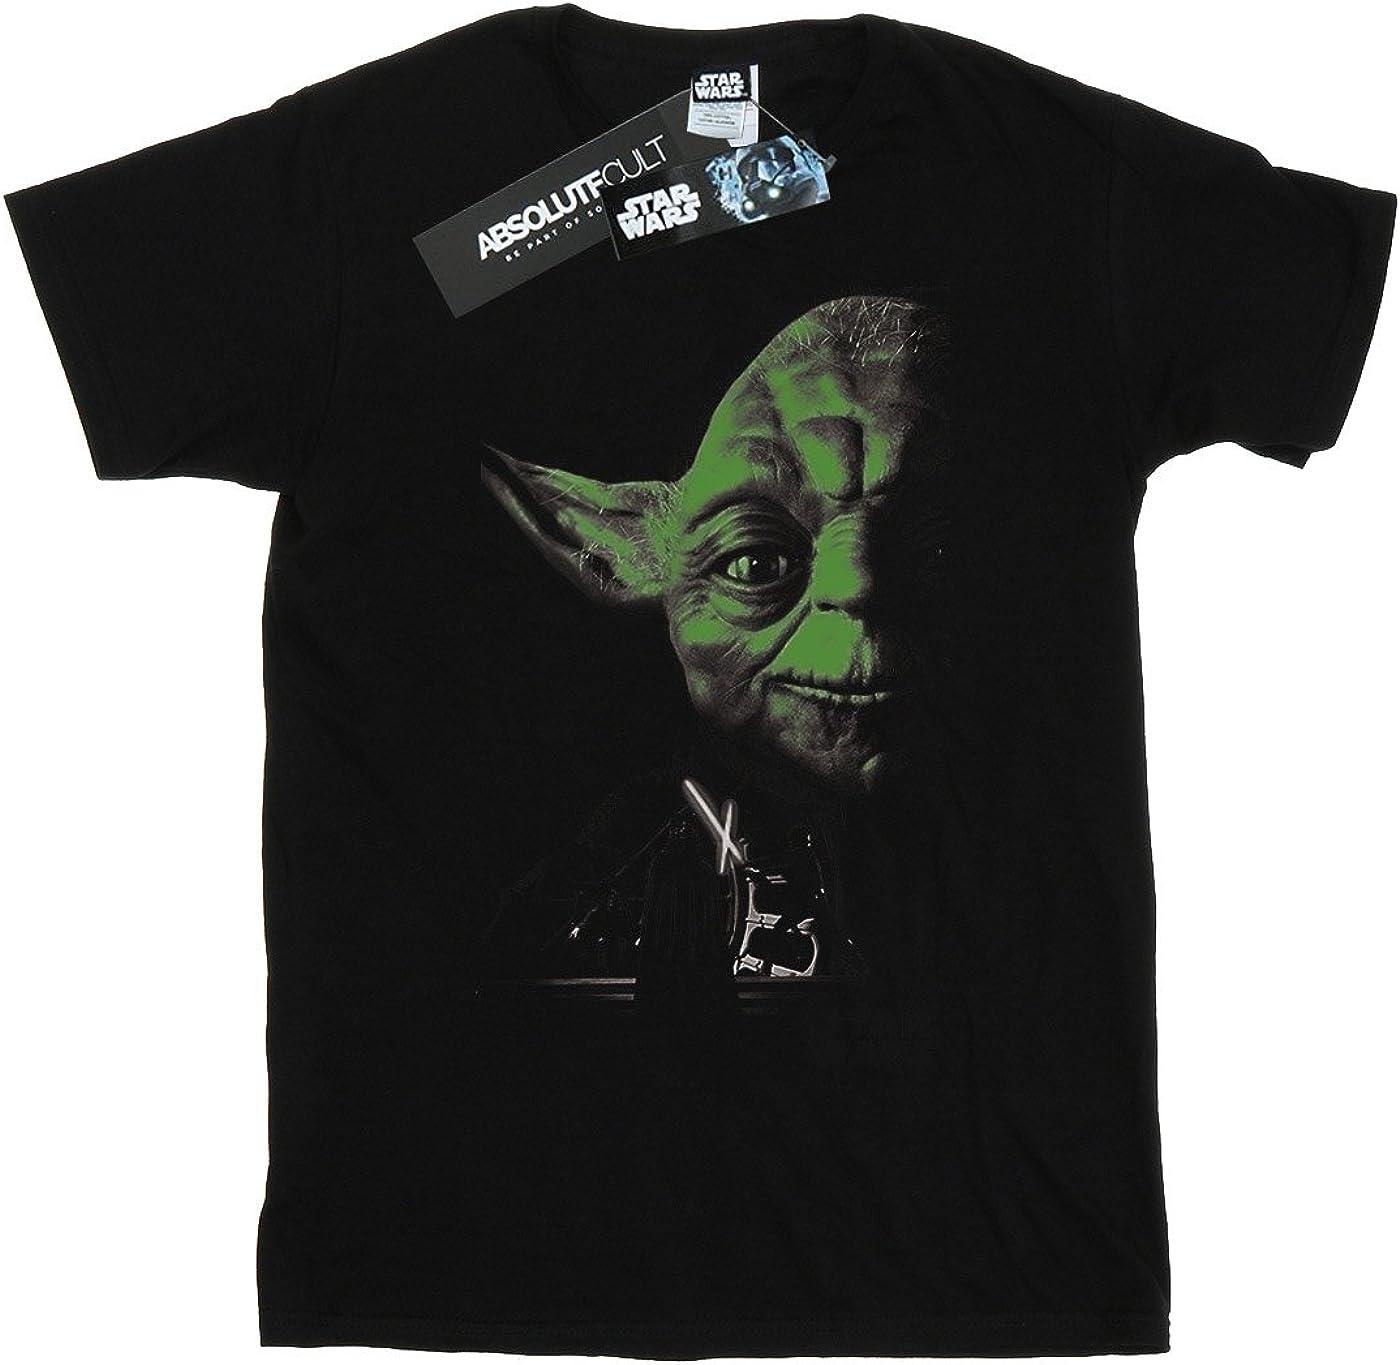 STAR WARS Boys Yoda Green Face T-Shirt 5-6 Years Black